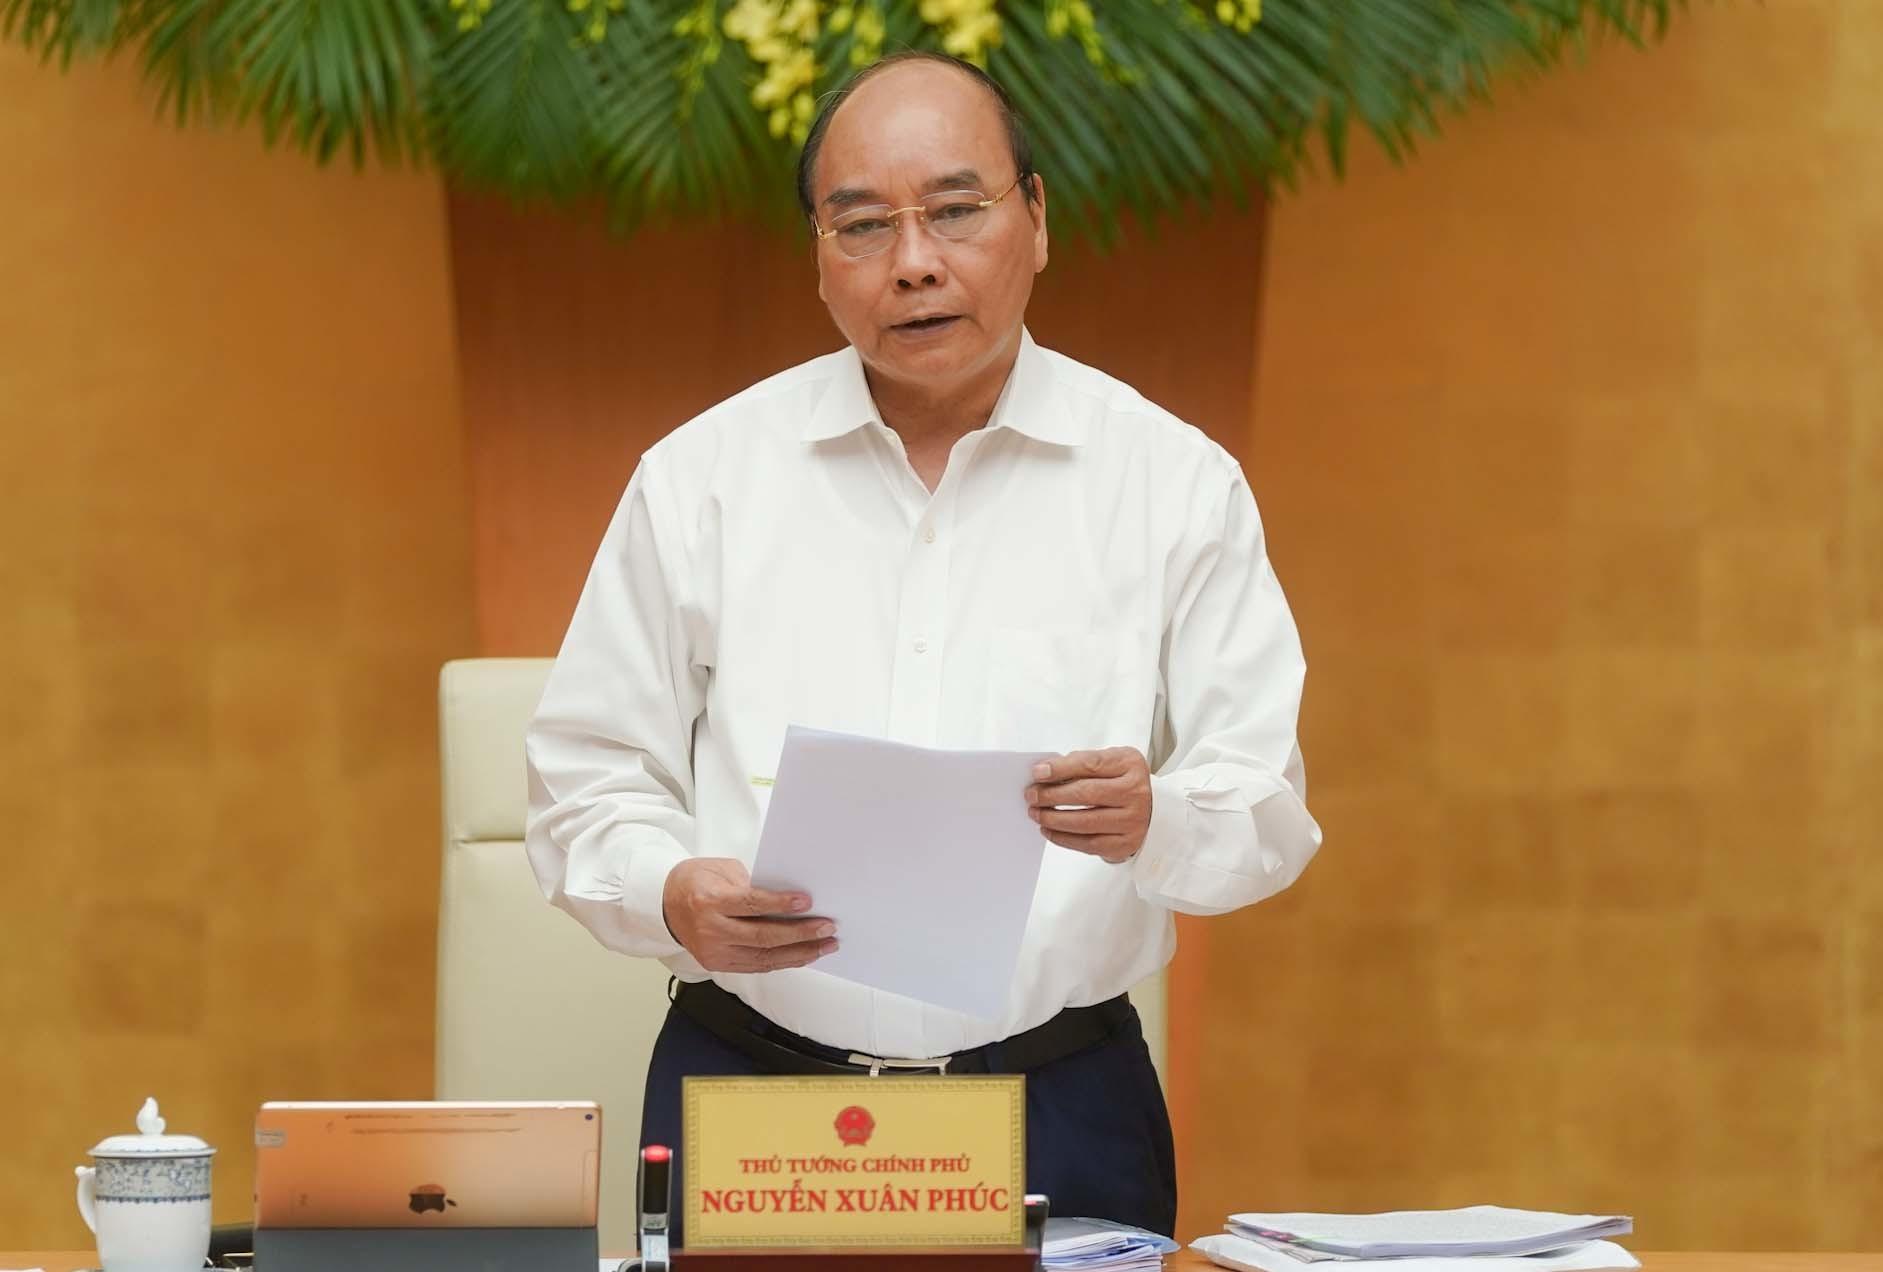 Thủ tướng khen TP.HCM là điểm sáng về phòng, chống dịch Covid-19